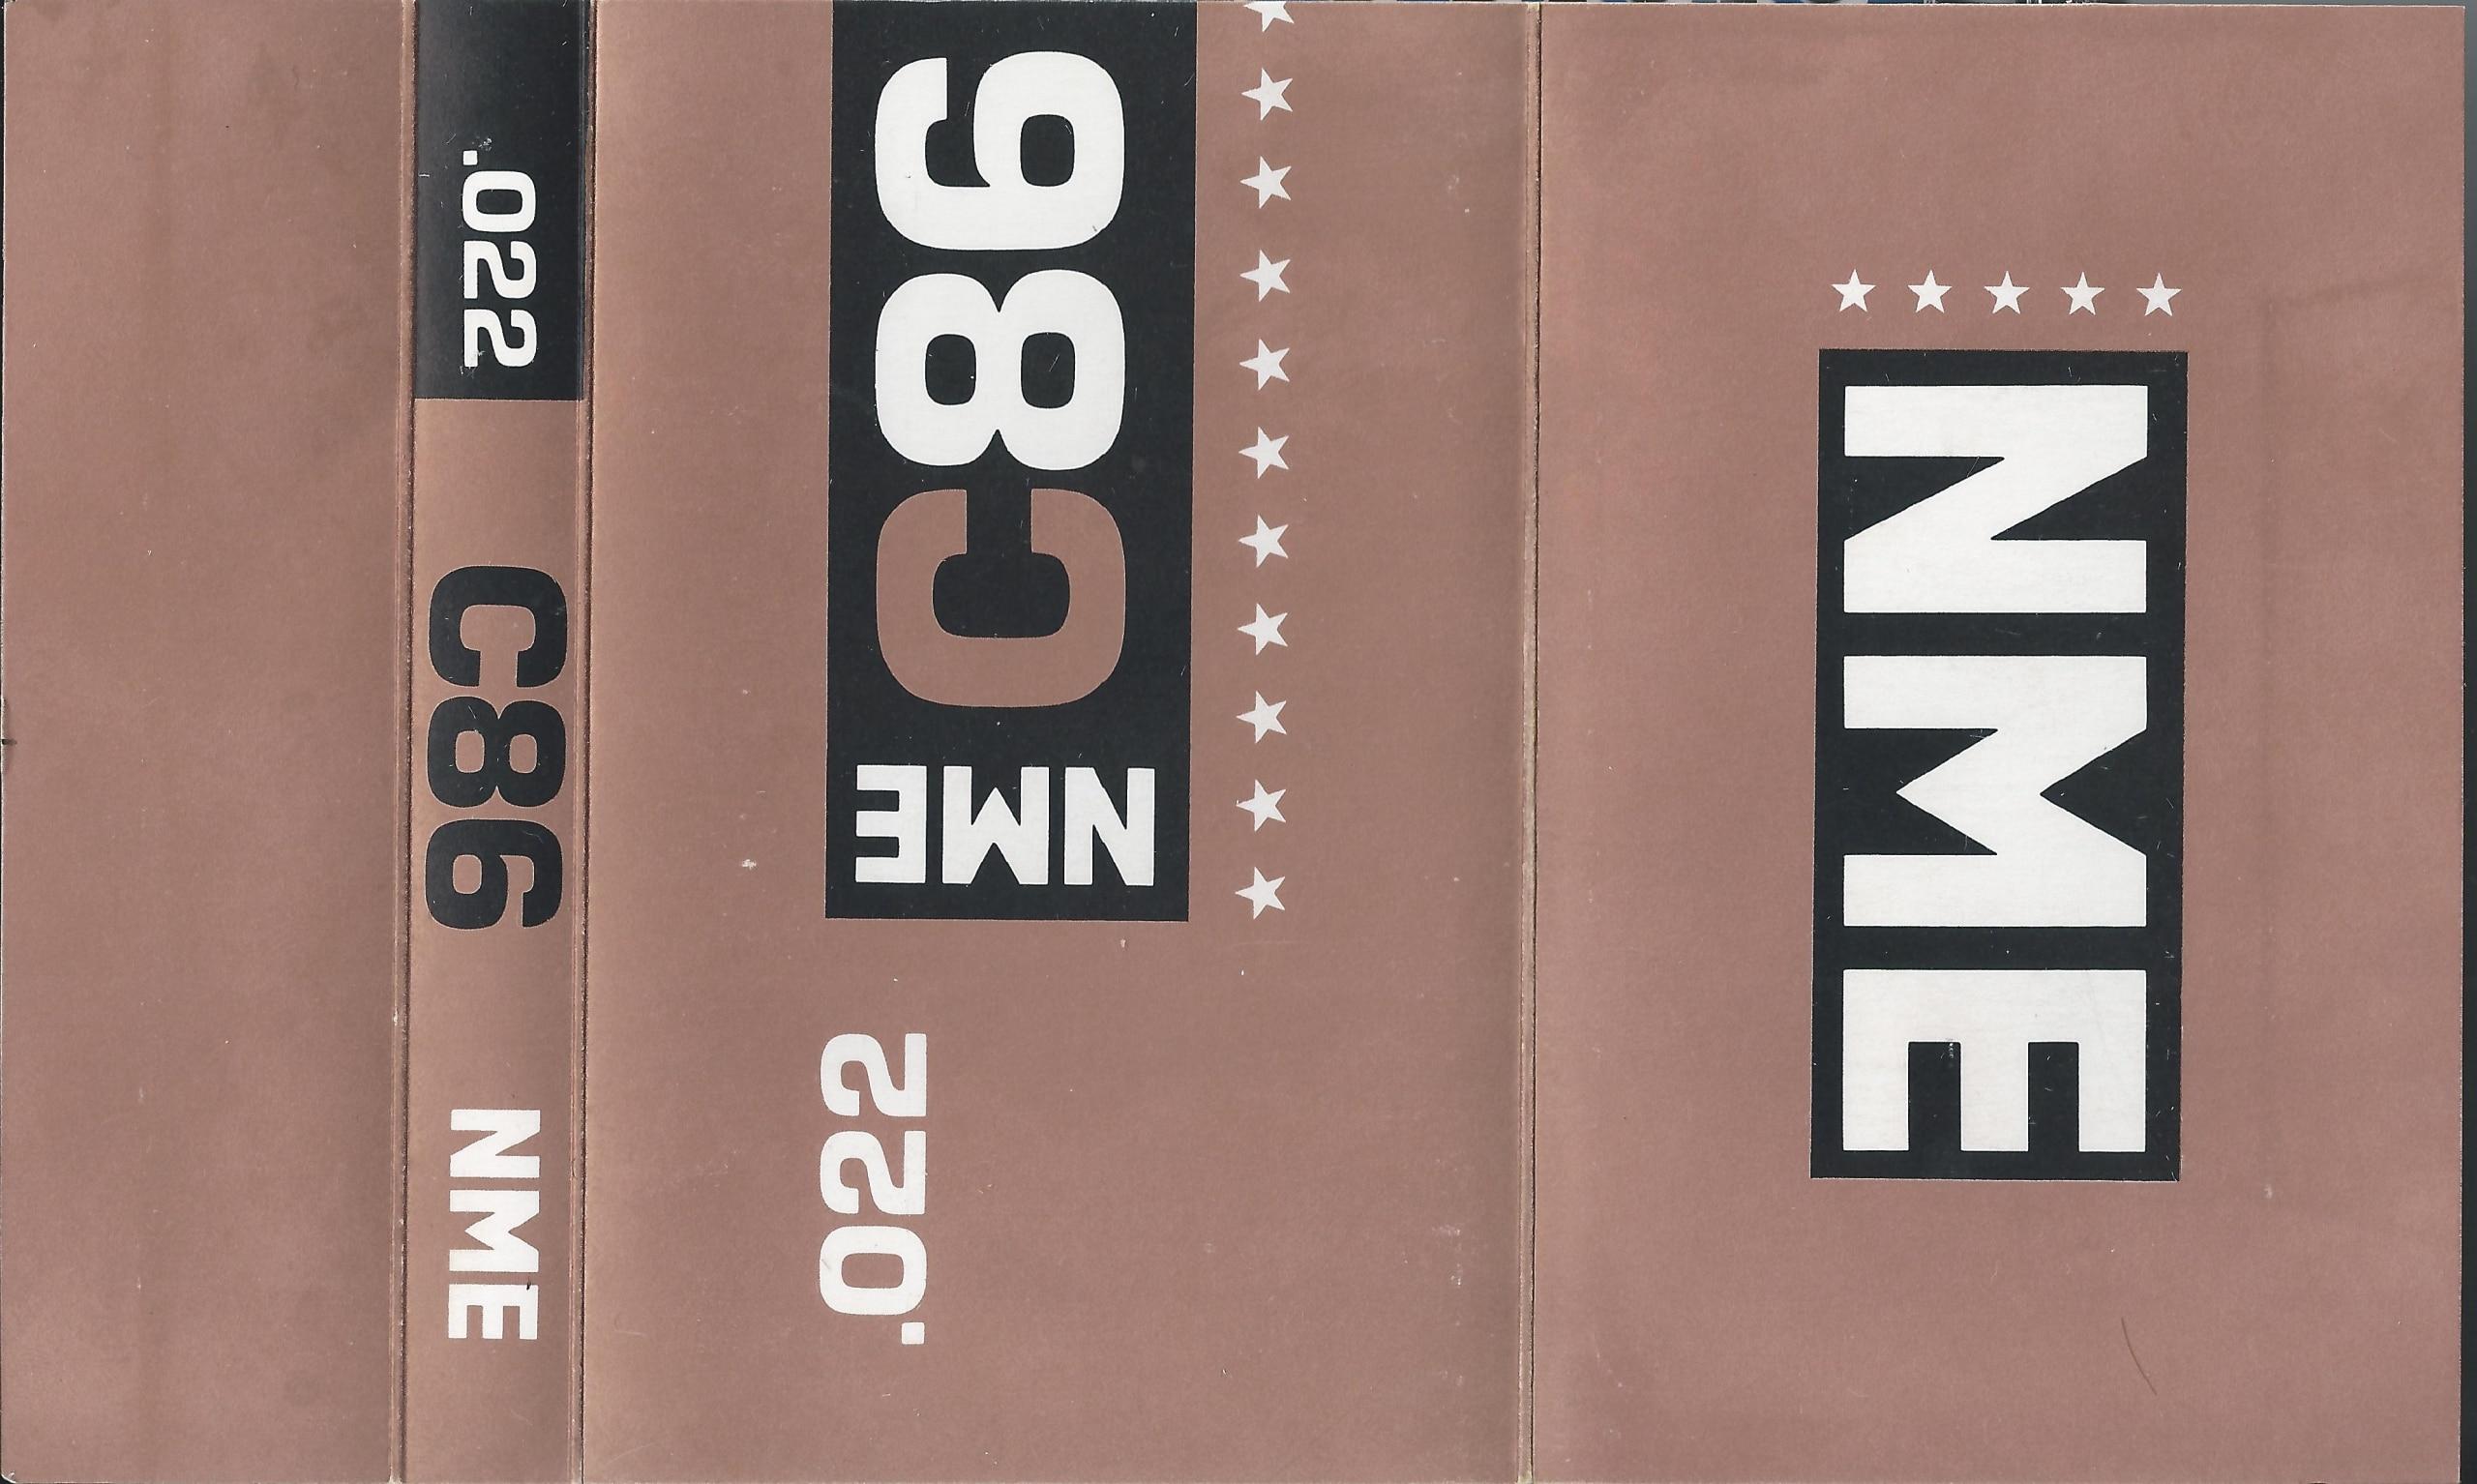 nme c86 cassette